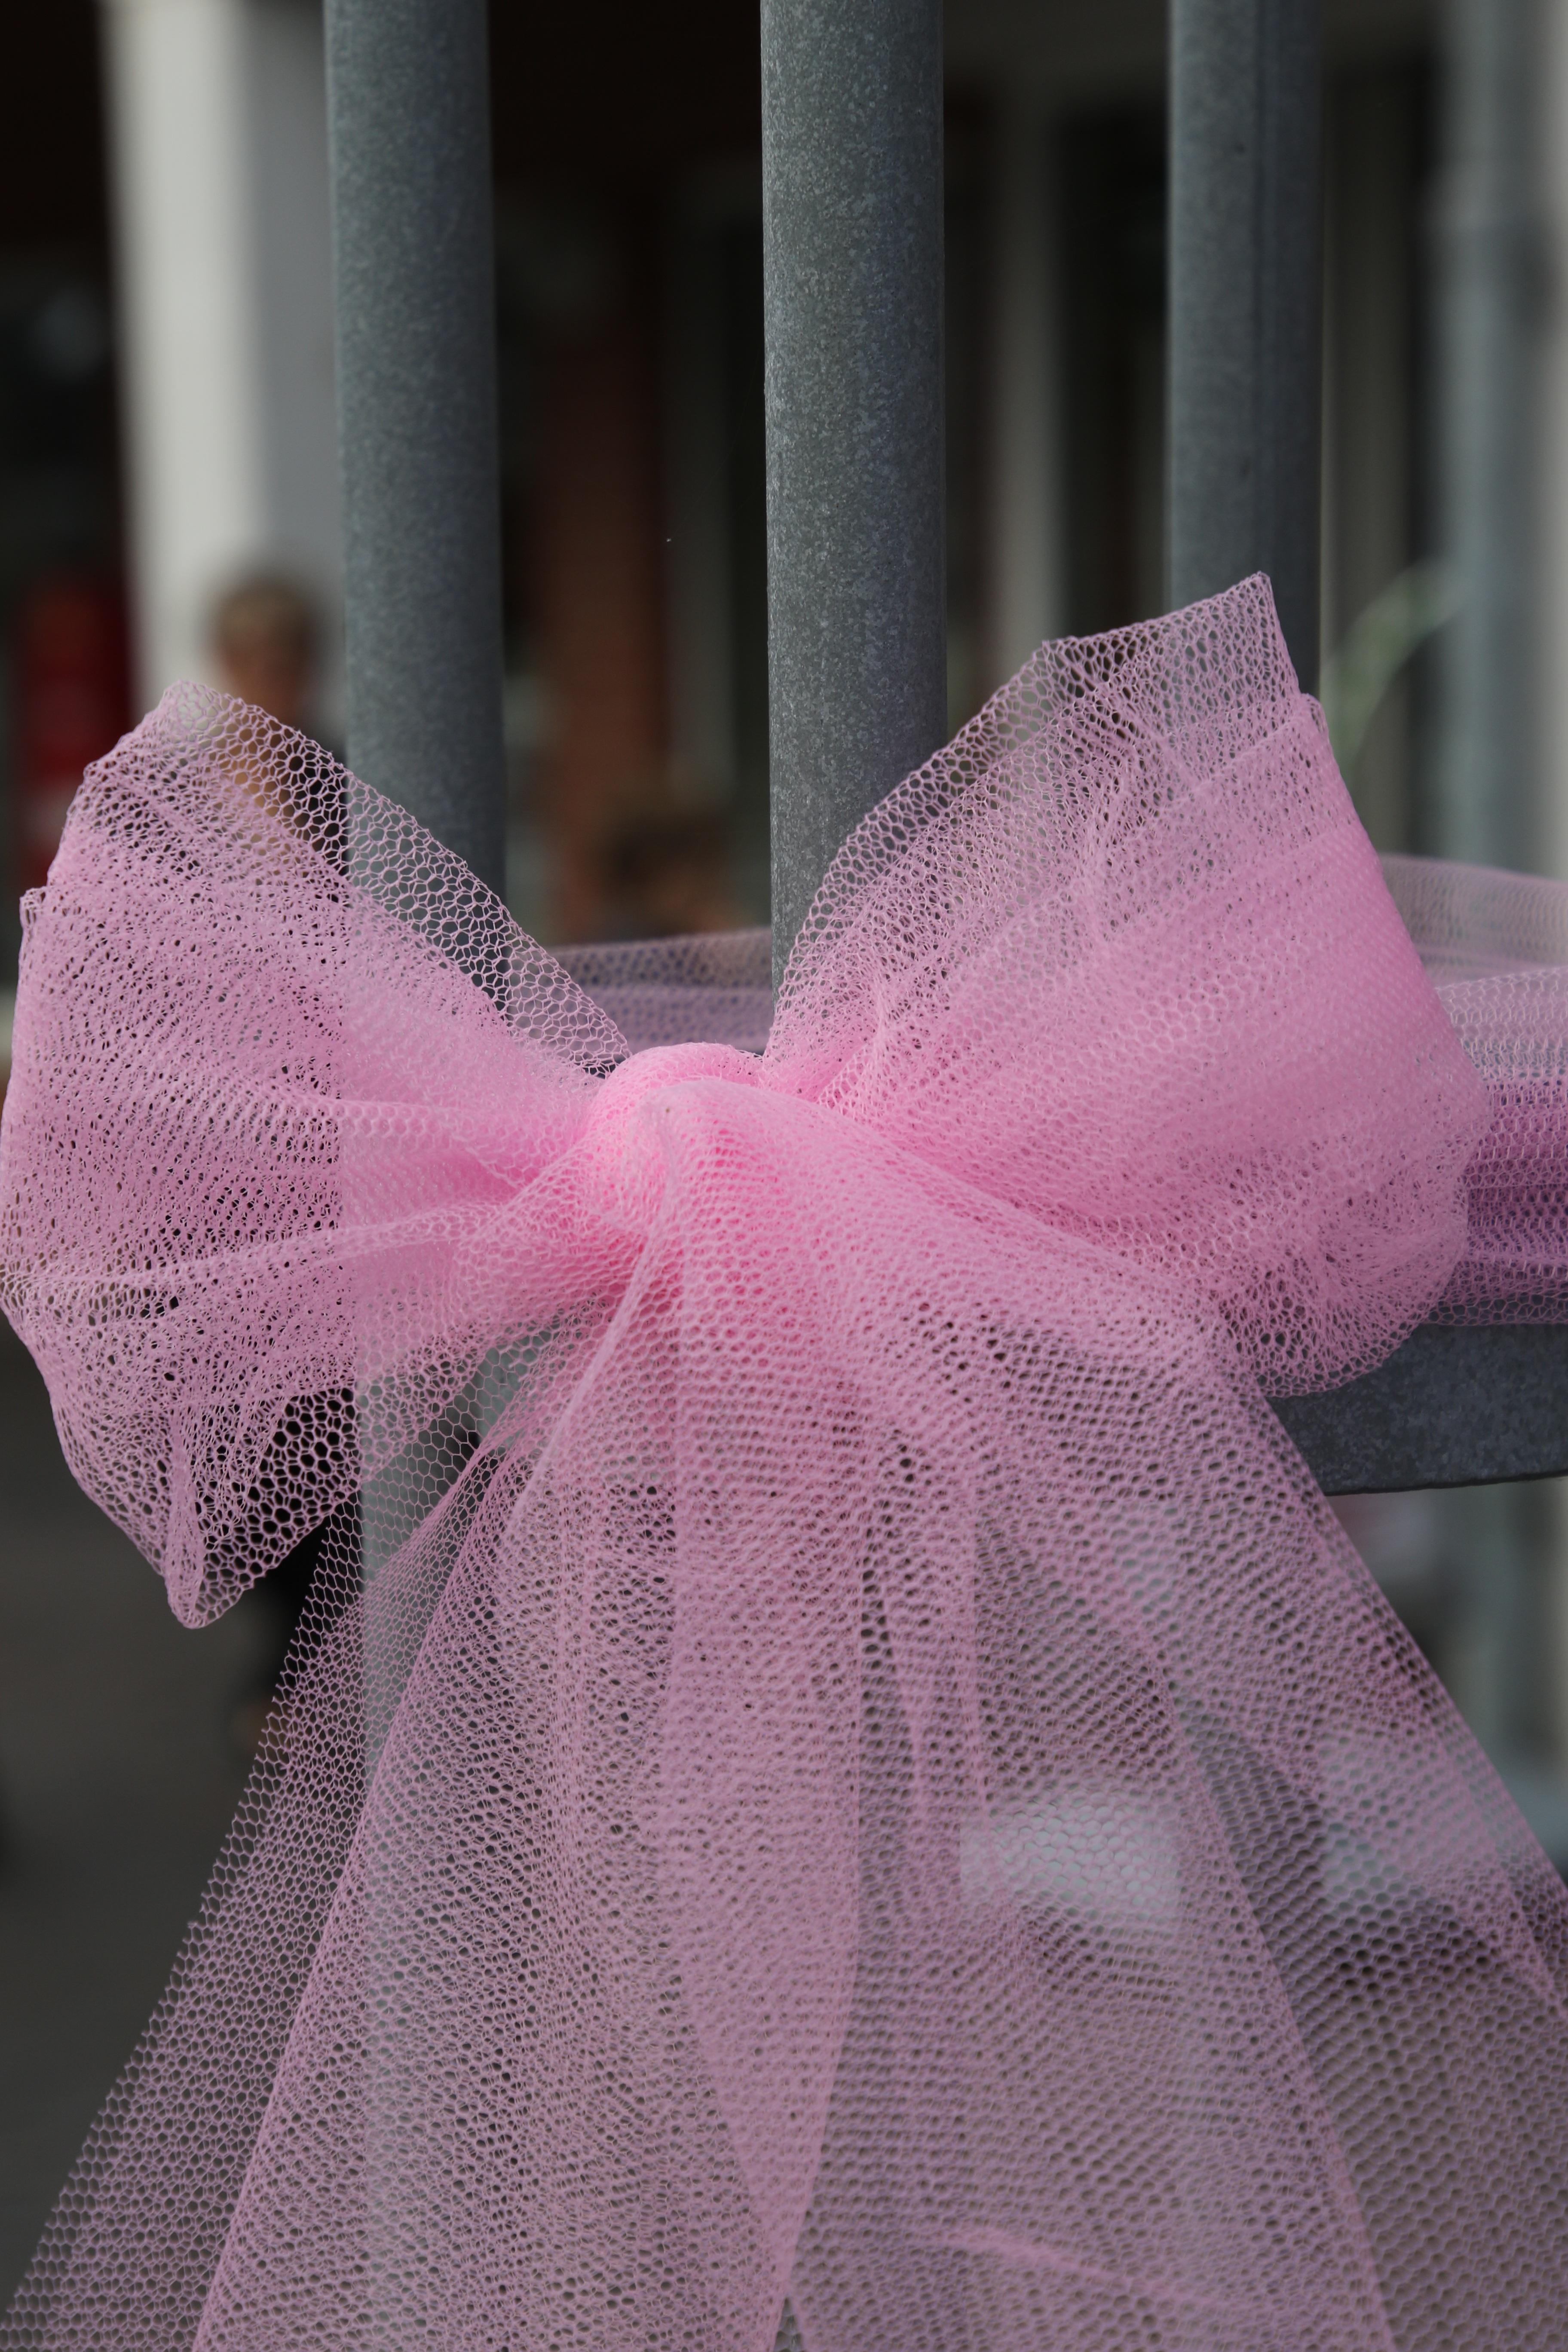 Fotos gratis : cerca, púrpura, patrón, color, rosado, cinta, ropa de ...